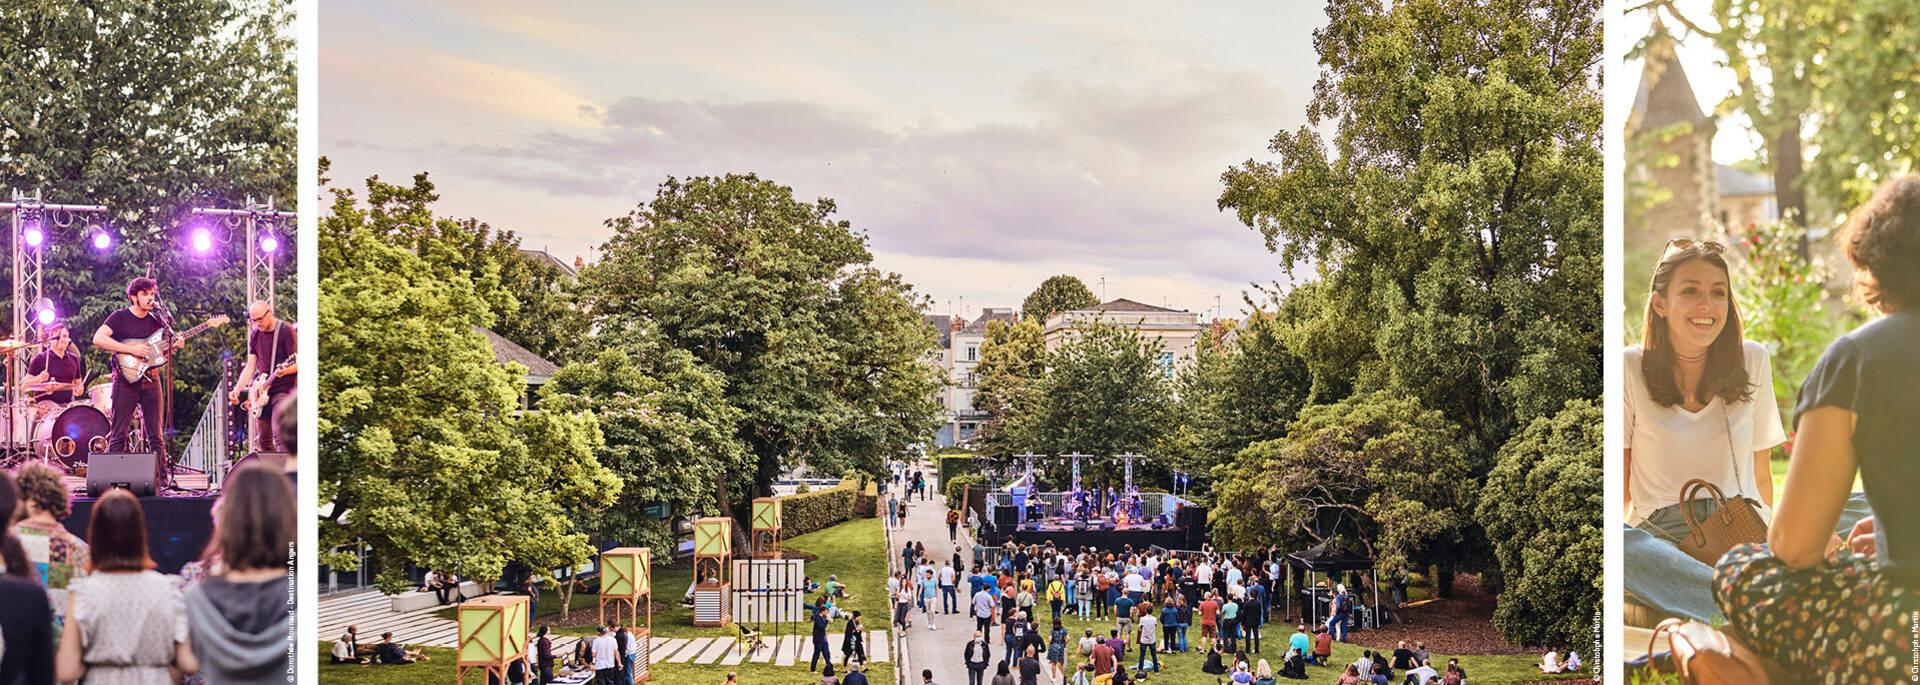 Convivialité et musique au Jardin du Musée des Beaux-Arts